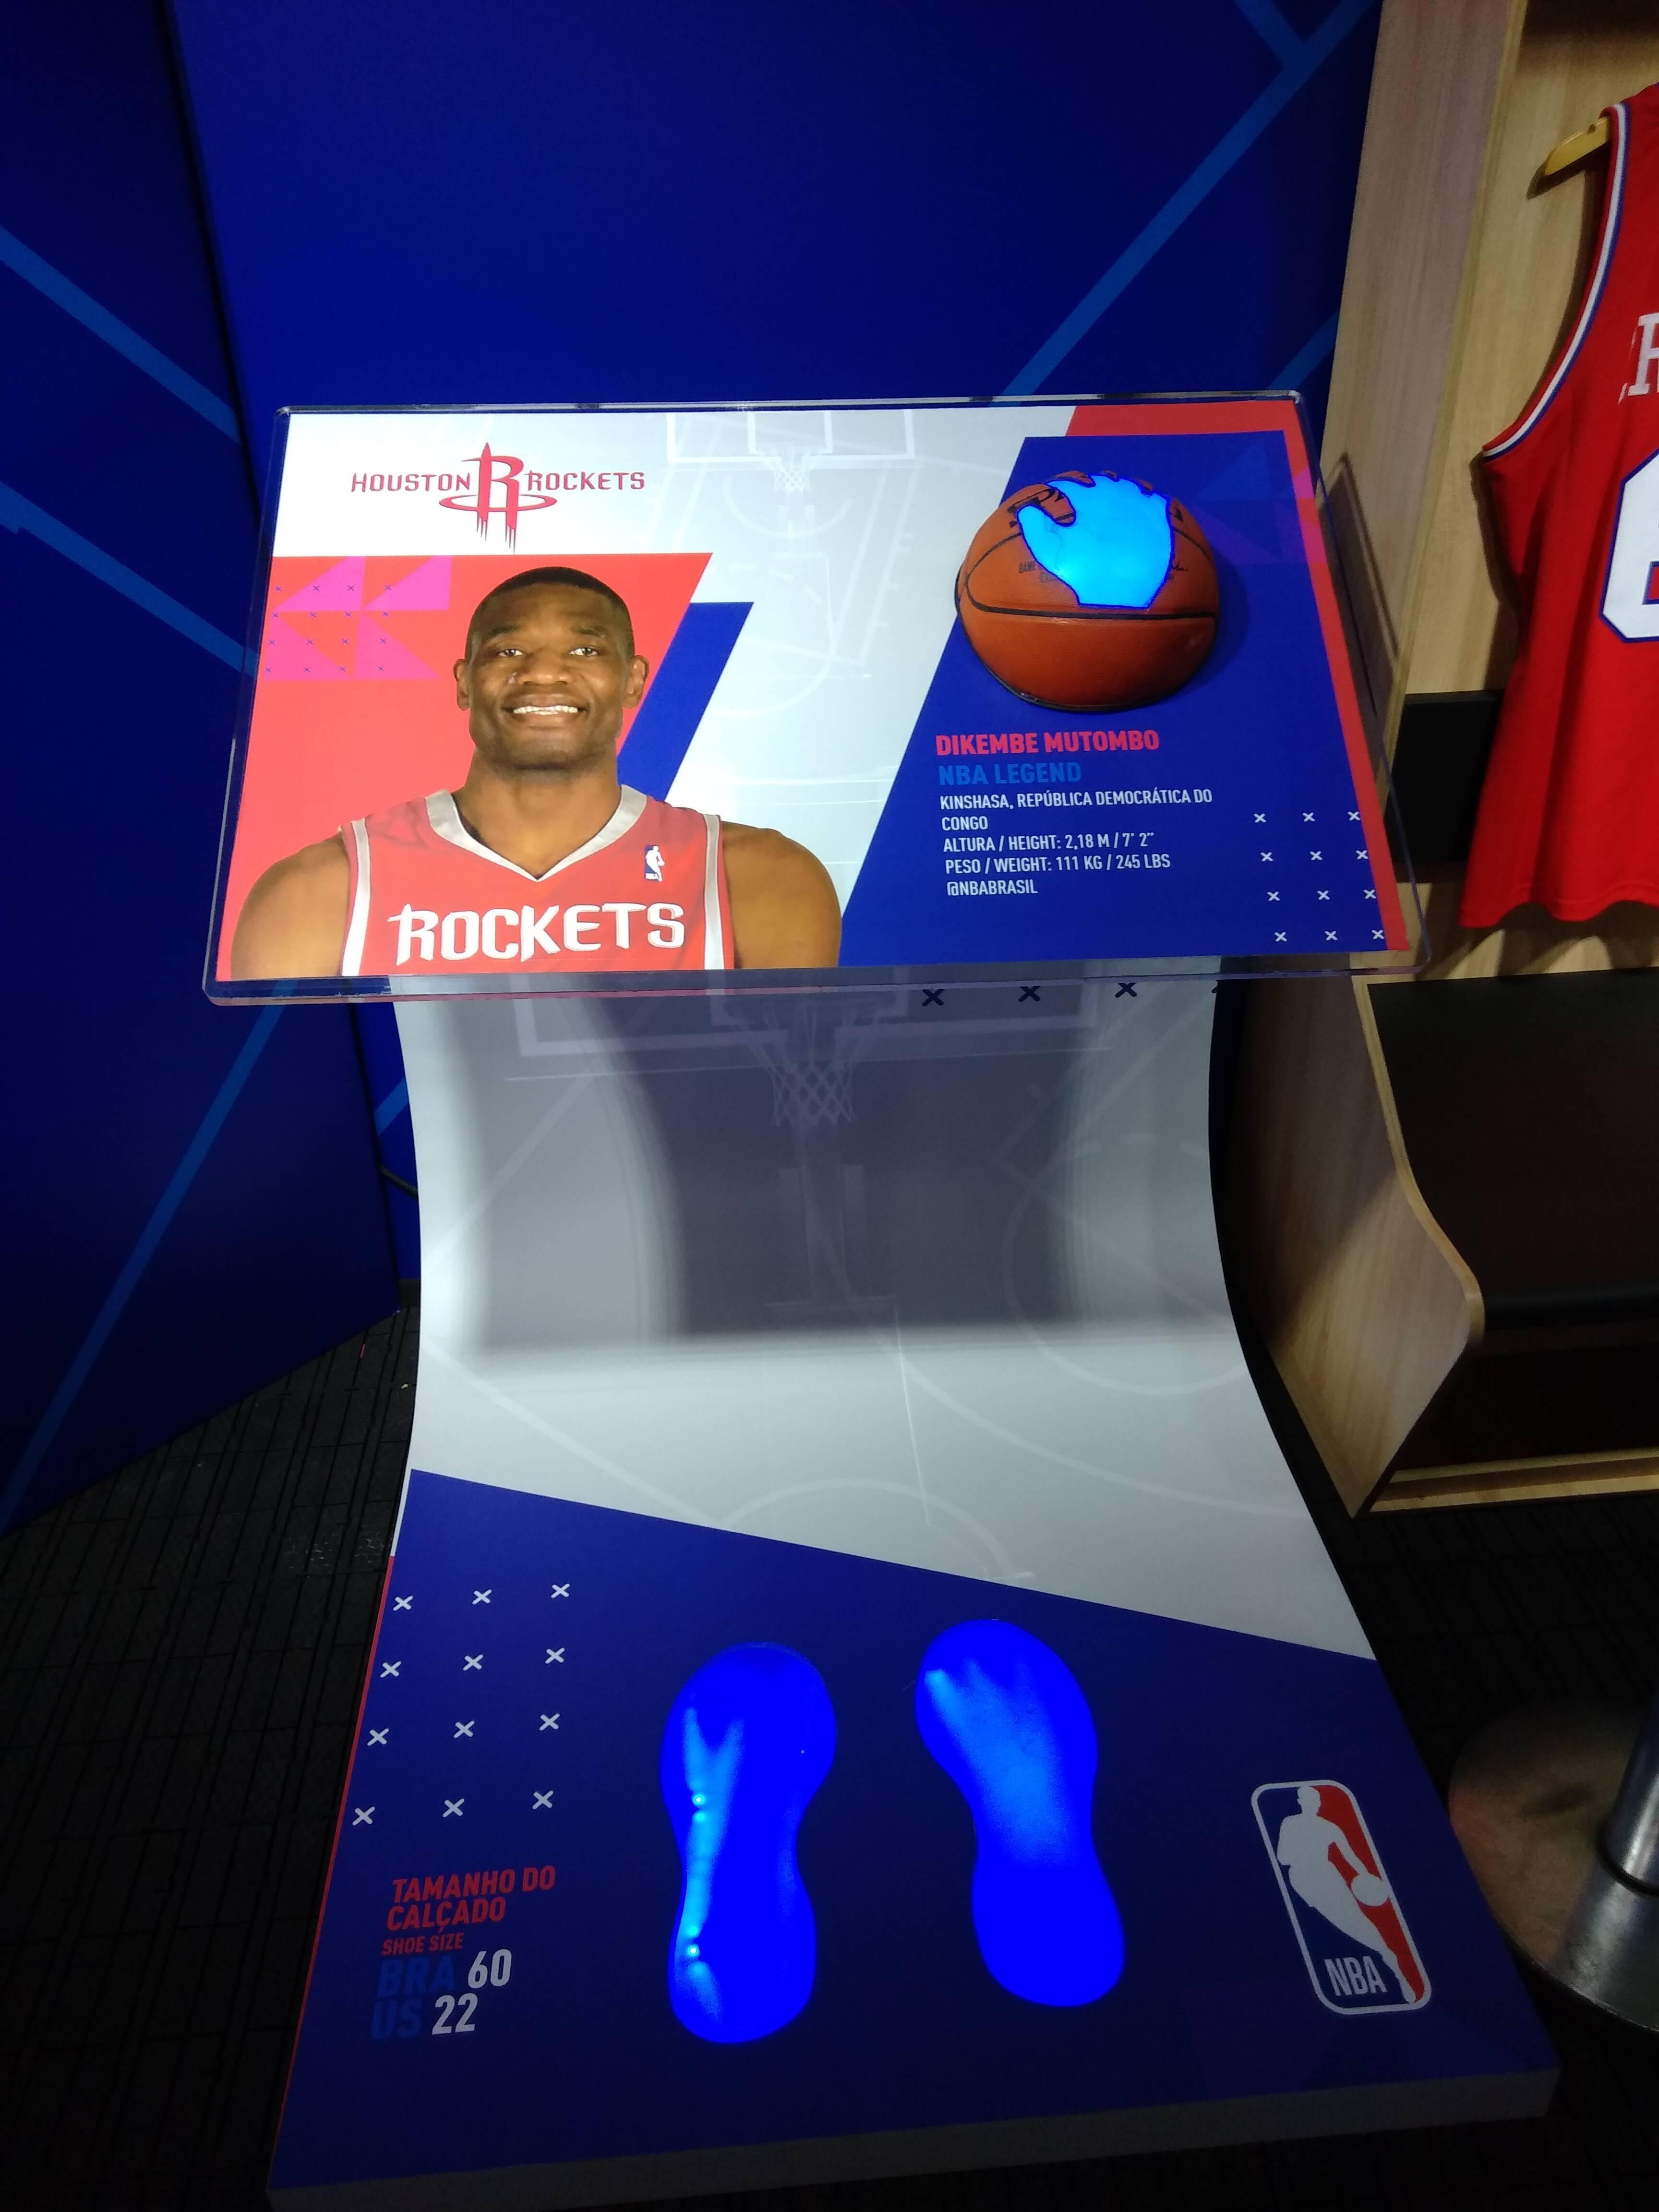 O tamanho da mão e do pé de Mutombo, lenda da NBA, estão em exposição para que os fãs comparem o tamanho. Foto: Flavia Matos/ IG